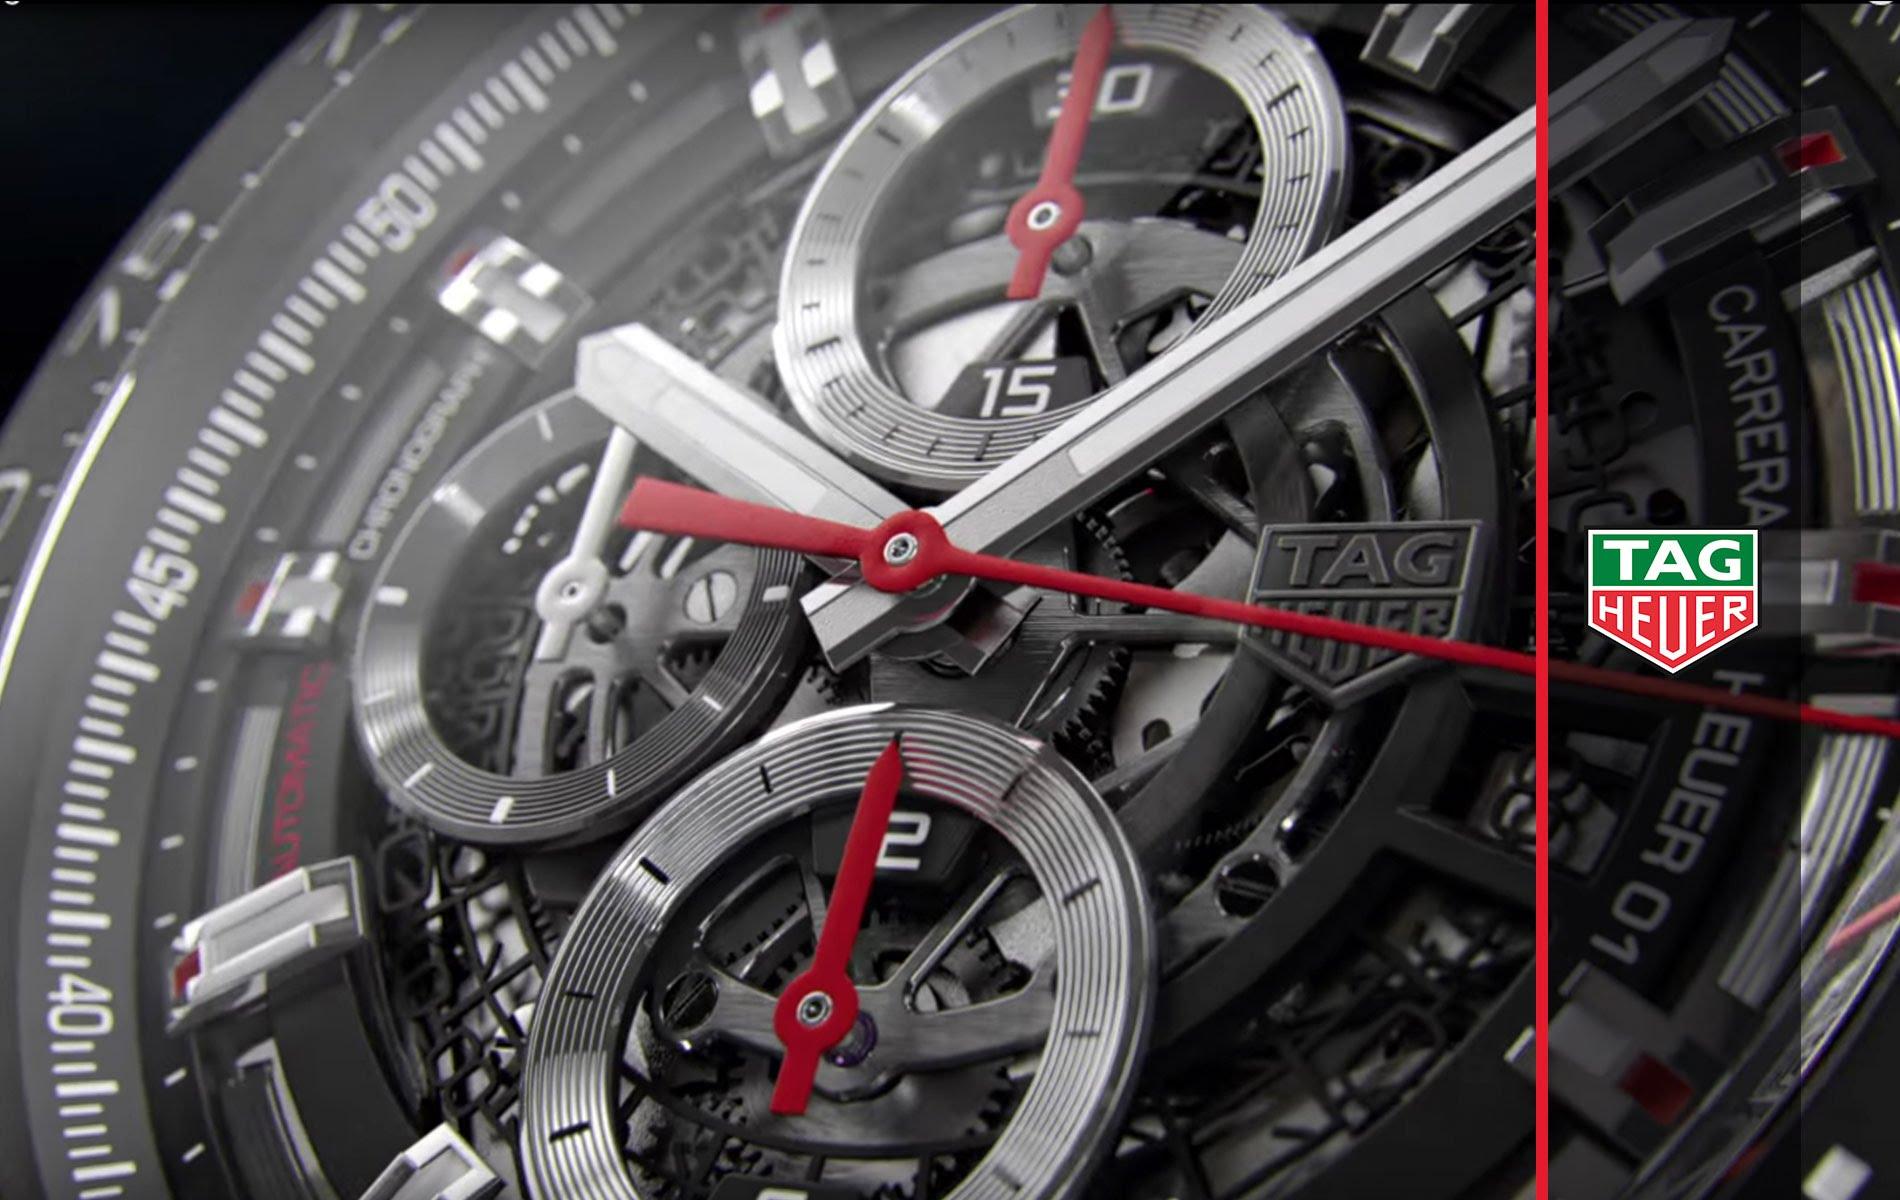 Tag Heuer - часы, измеряющие время с неуловимой для интуиции точностью